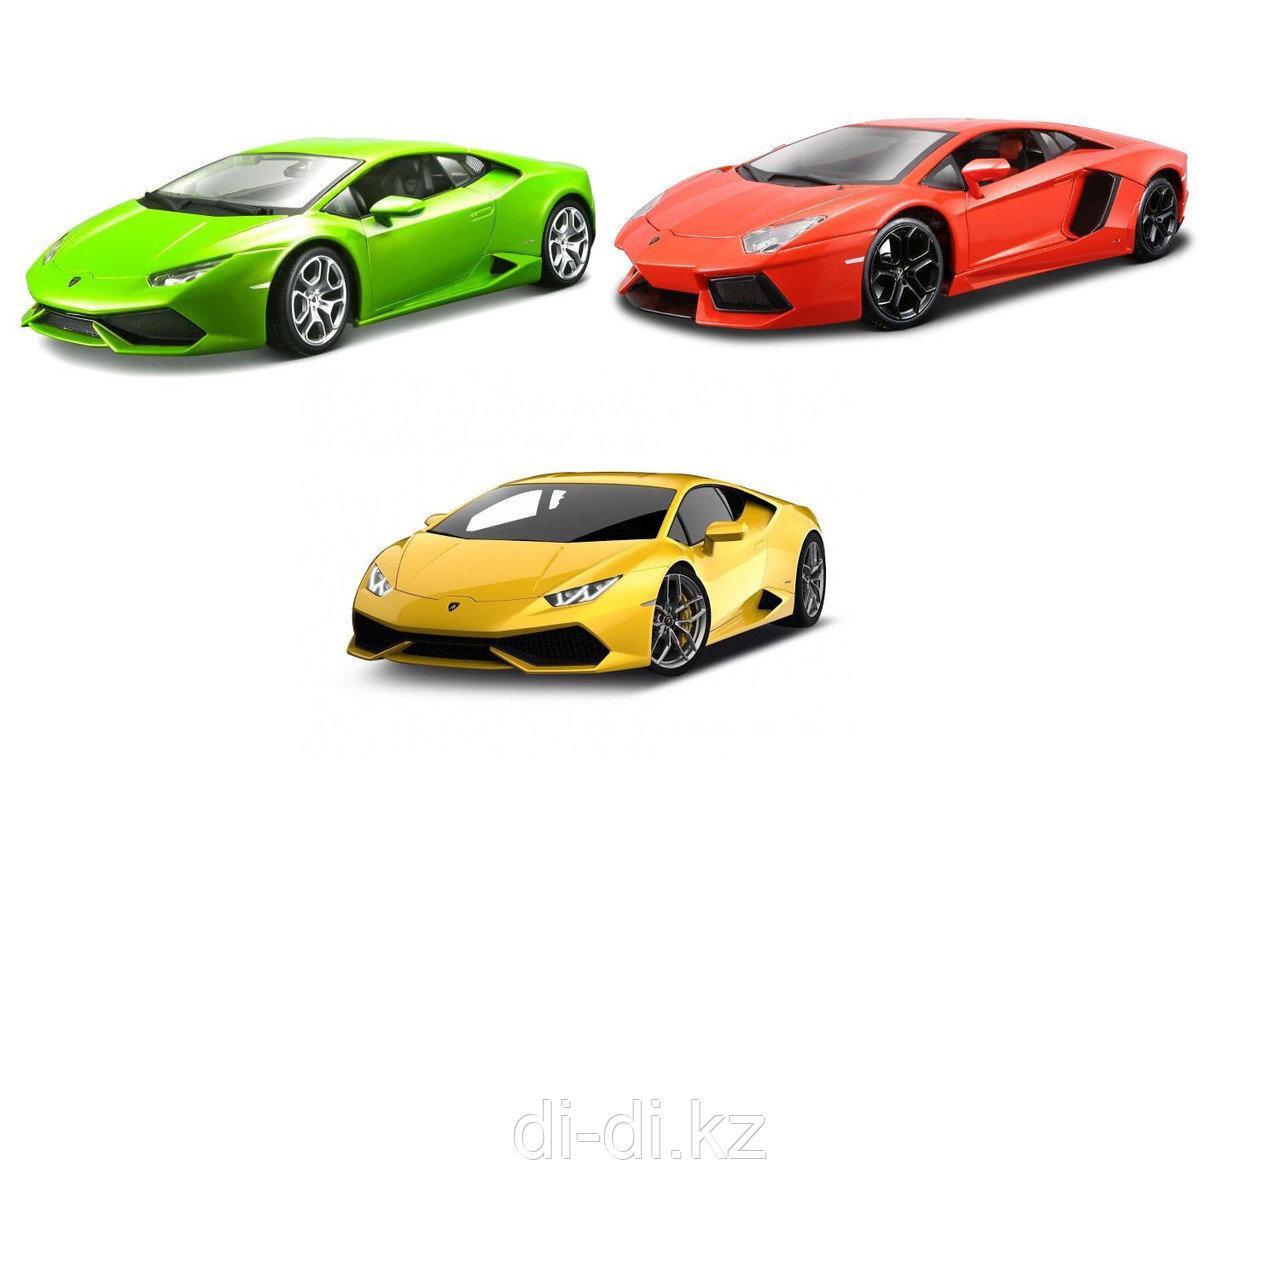 Игрушка модель машины 1:18 Lamborghini Huracan